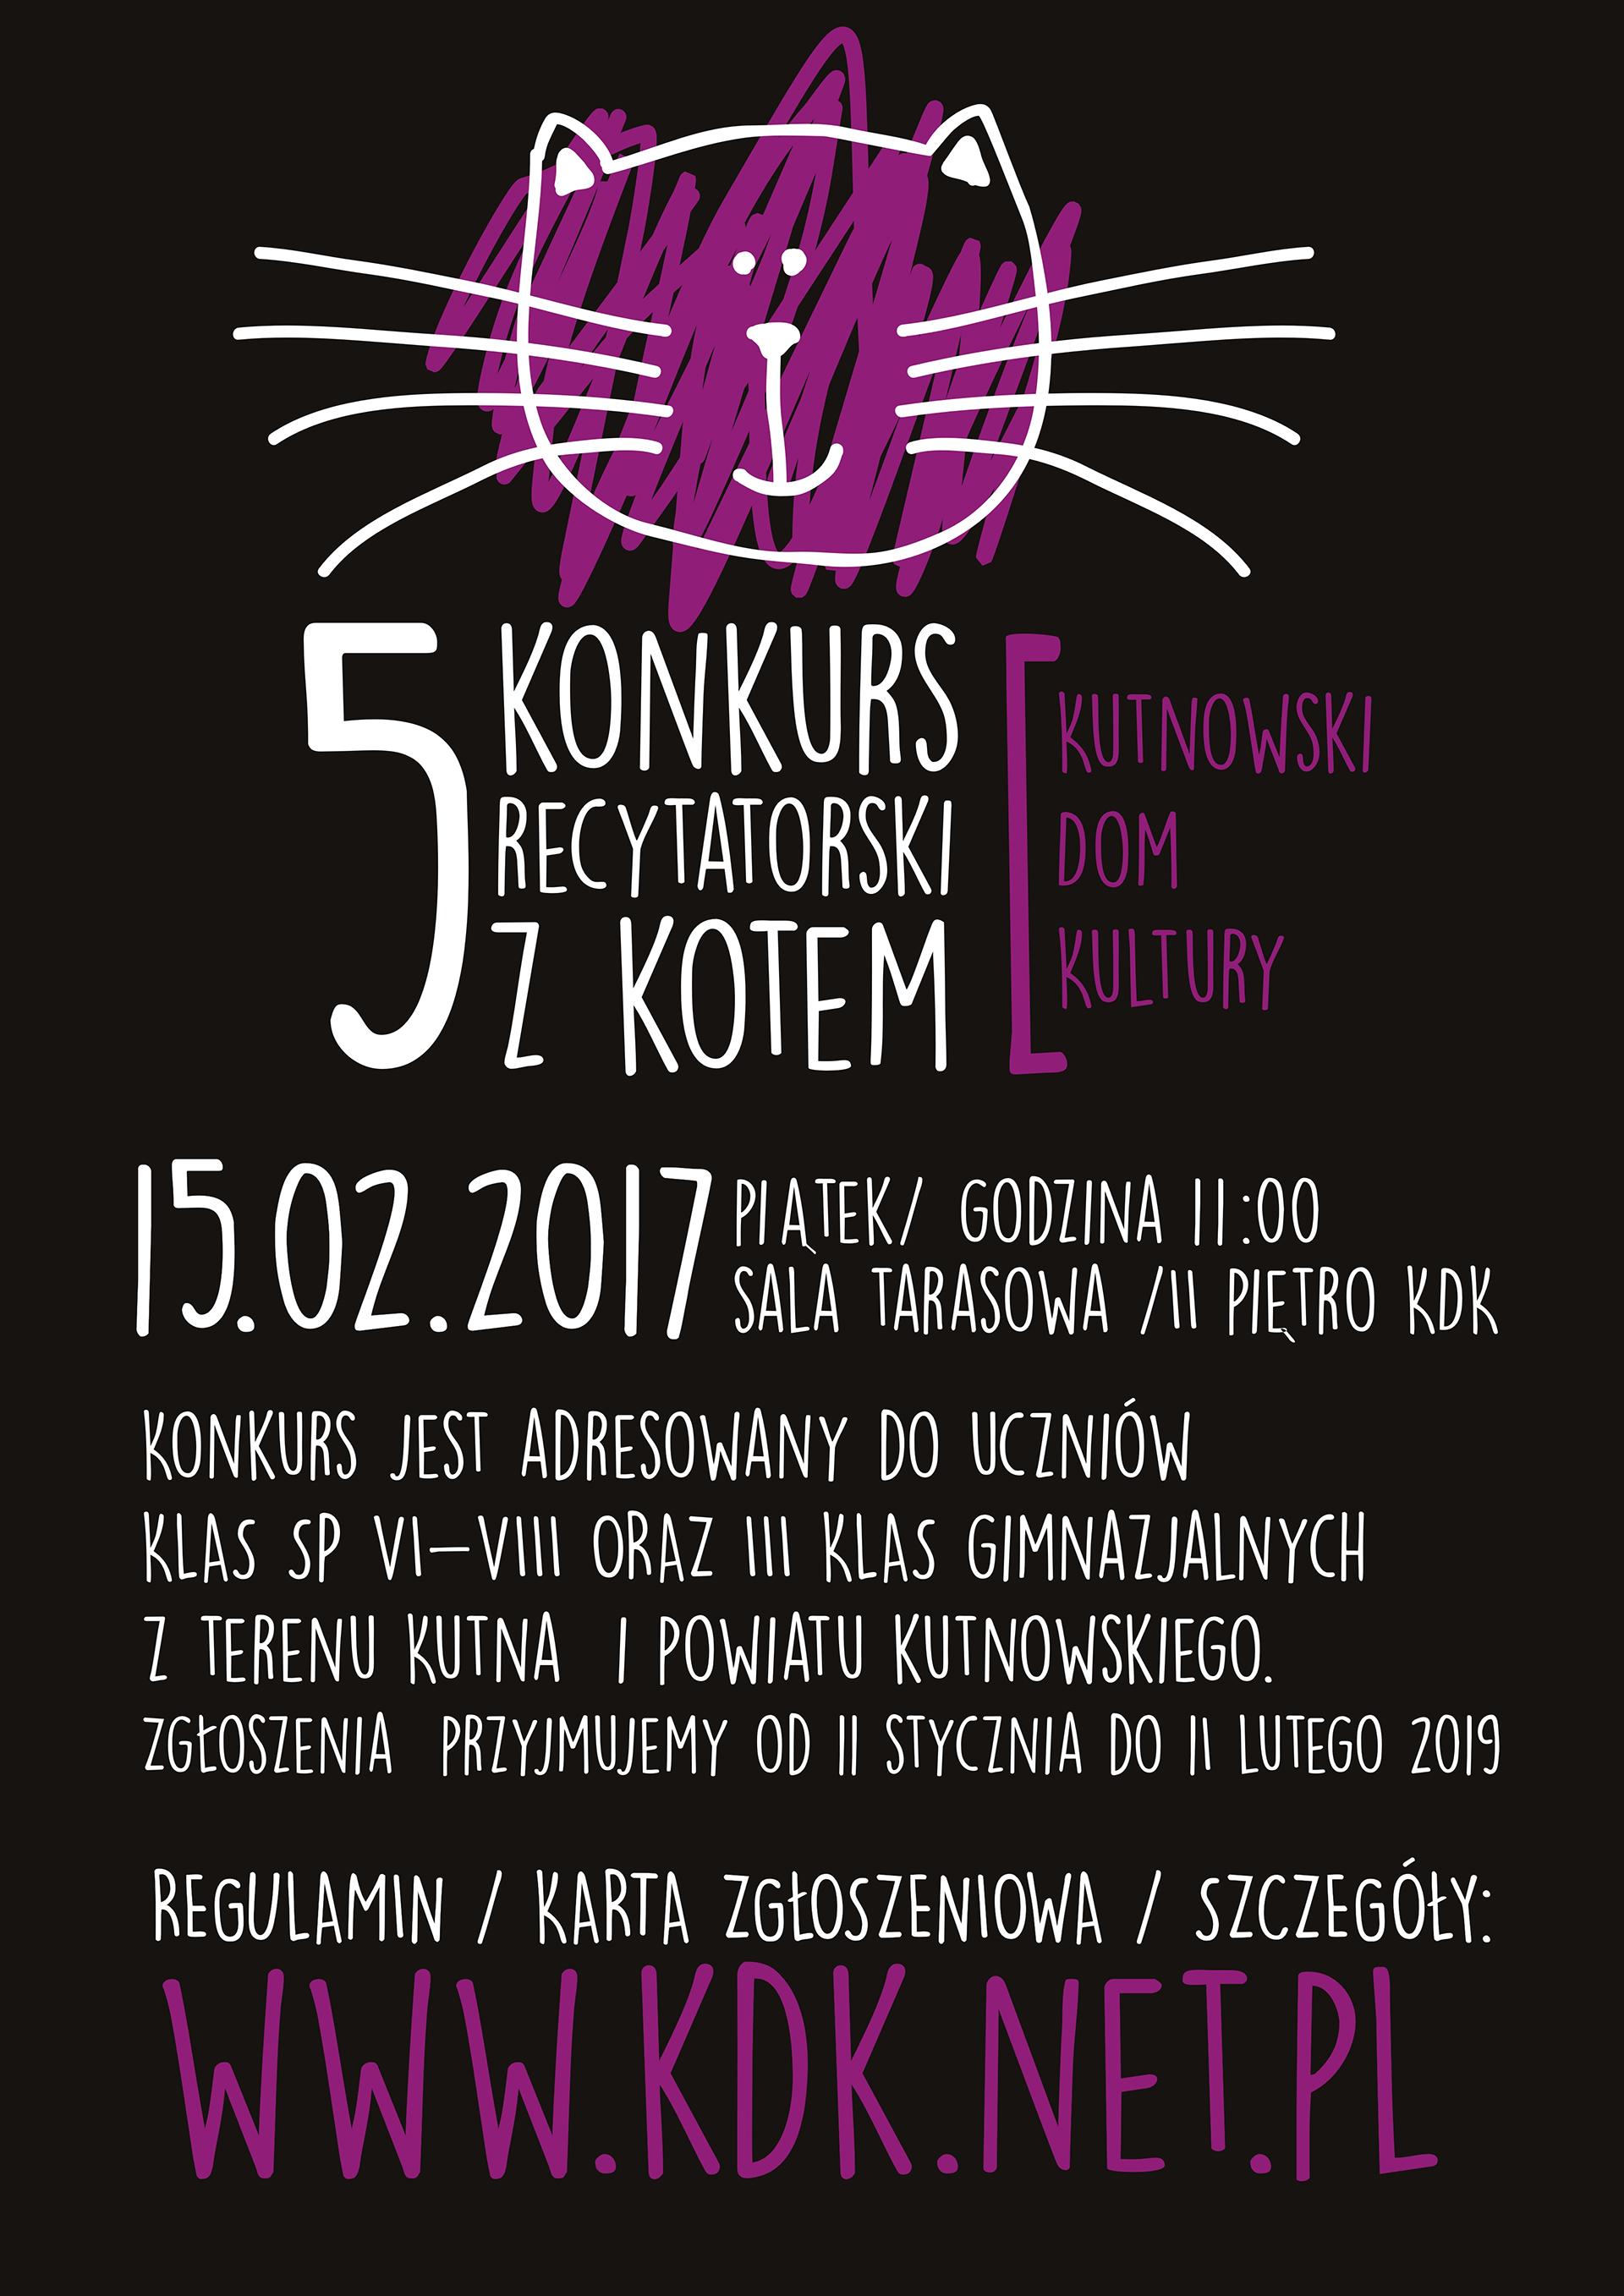 5 Konkurs Recytatorski Z Kotem Kutnowski Dom Kultury